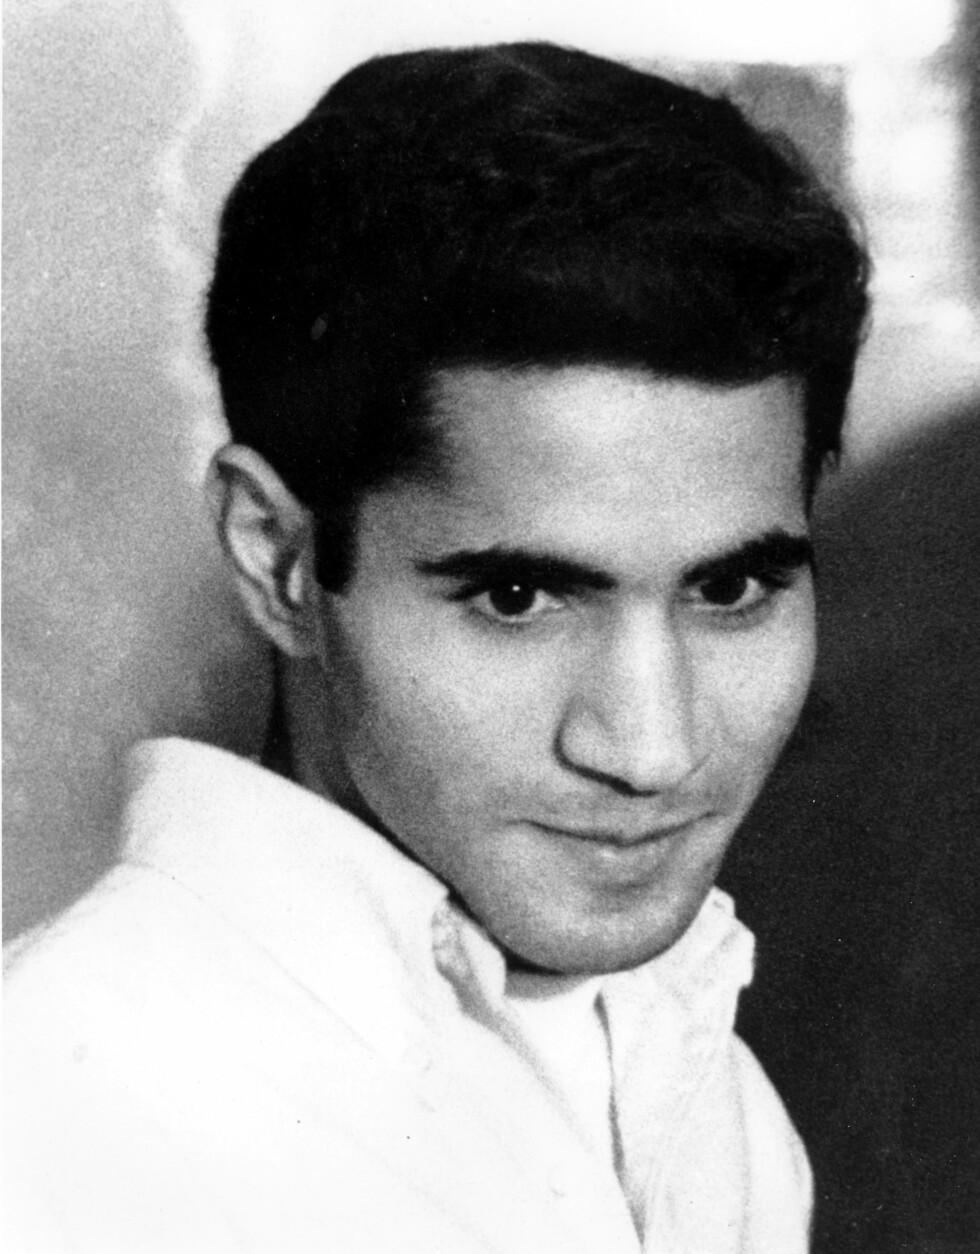 <strong>GJERNINGSMANNEN?:</strong> Sirhan Sirhan var 24 år da han ble dømt for drapet på senator Robert Kennedy. Det spekuleres den dag i dag om han sto alene bak drapet, eller hadde flere medsammensvorne. FOTO: NTB Scanpix